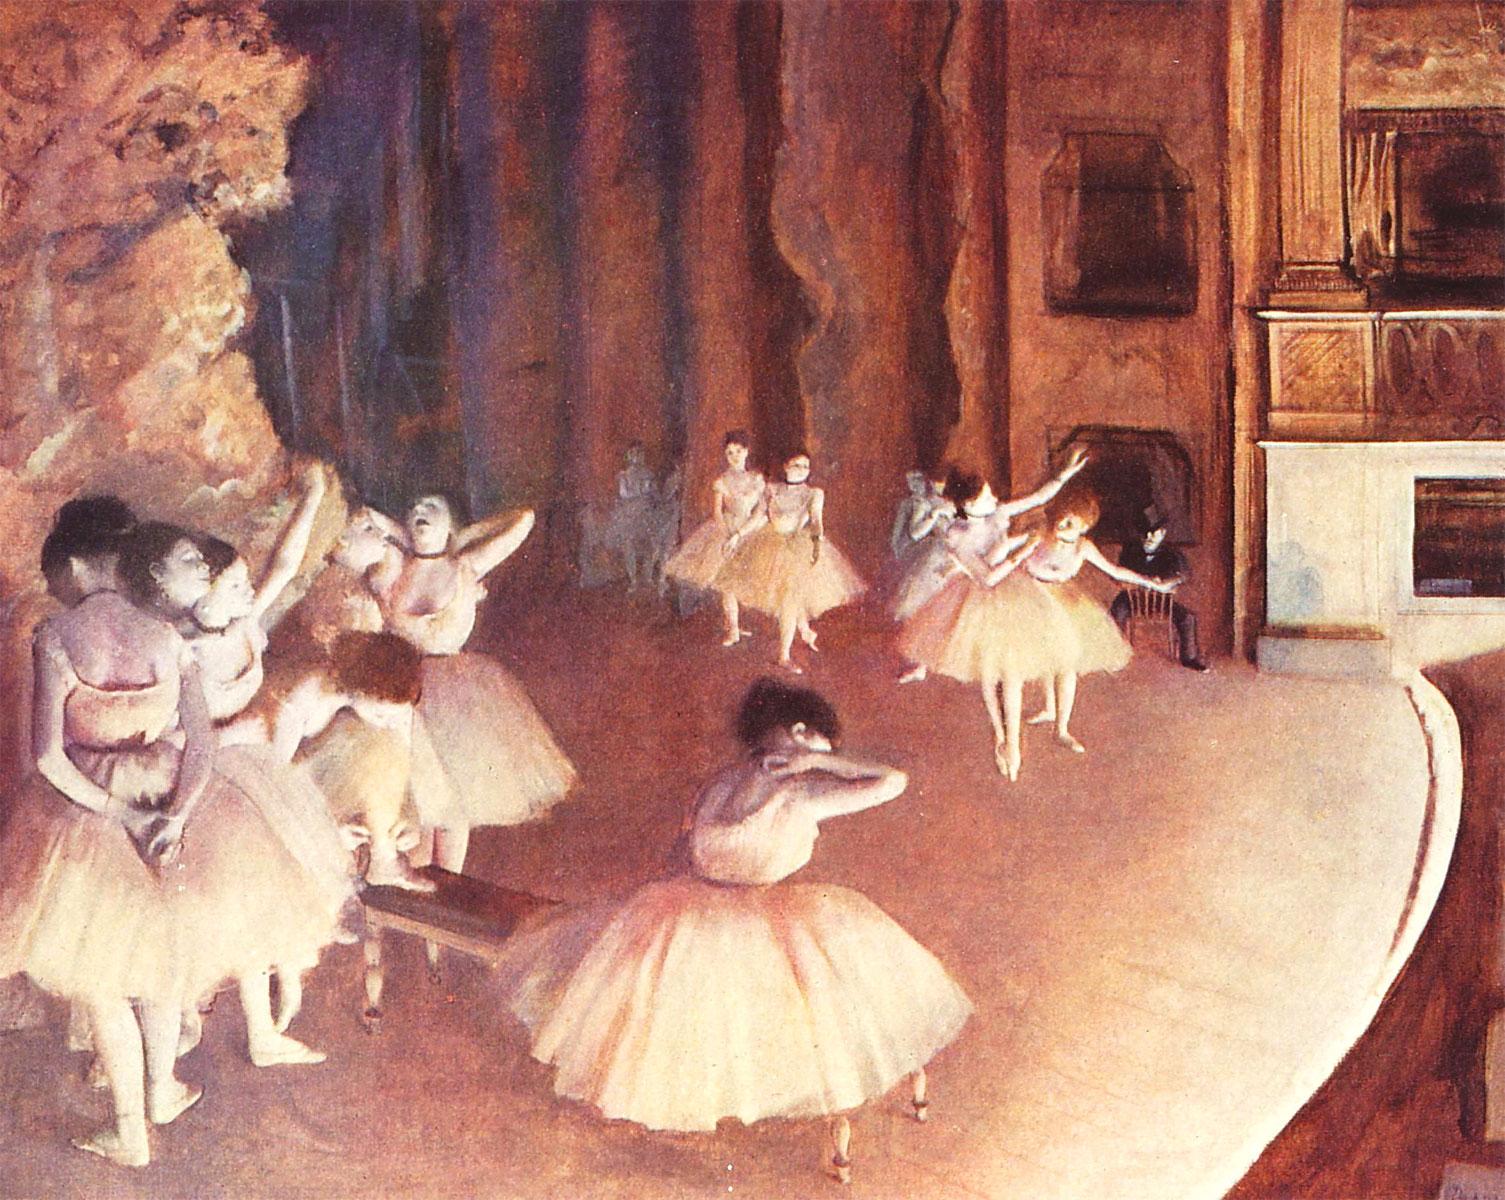 Prova generale di balletto in scena (Degas, 1874)